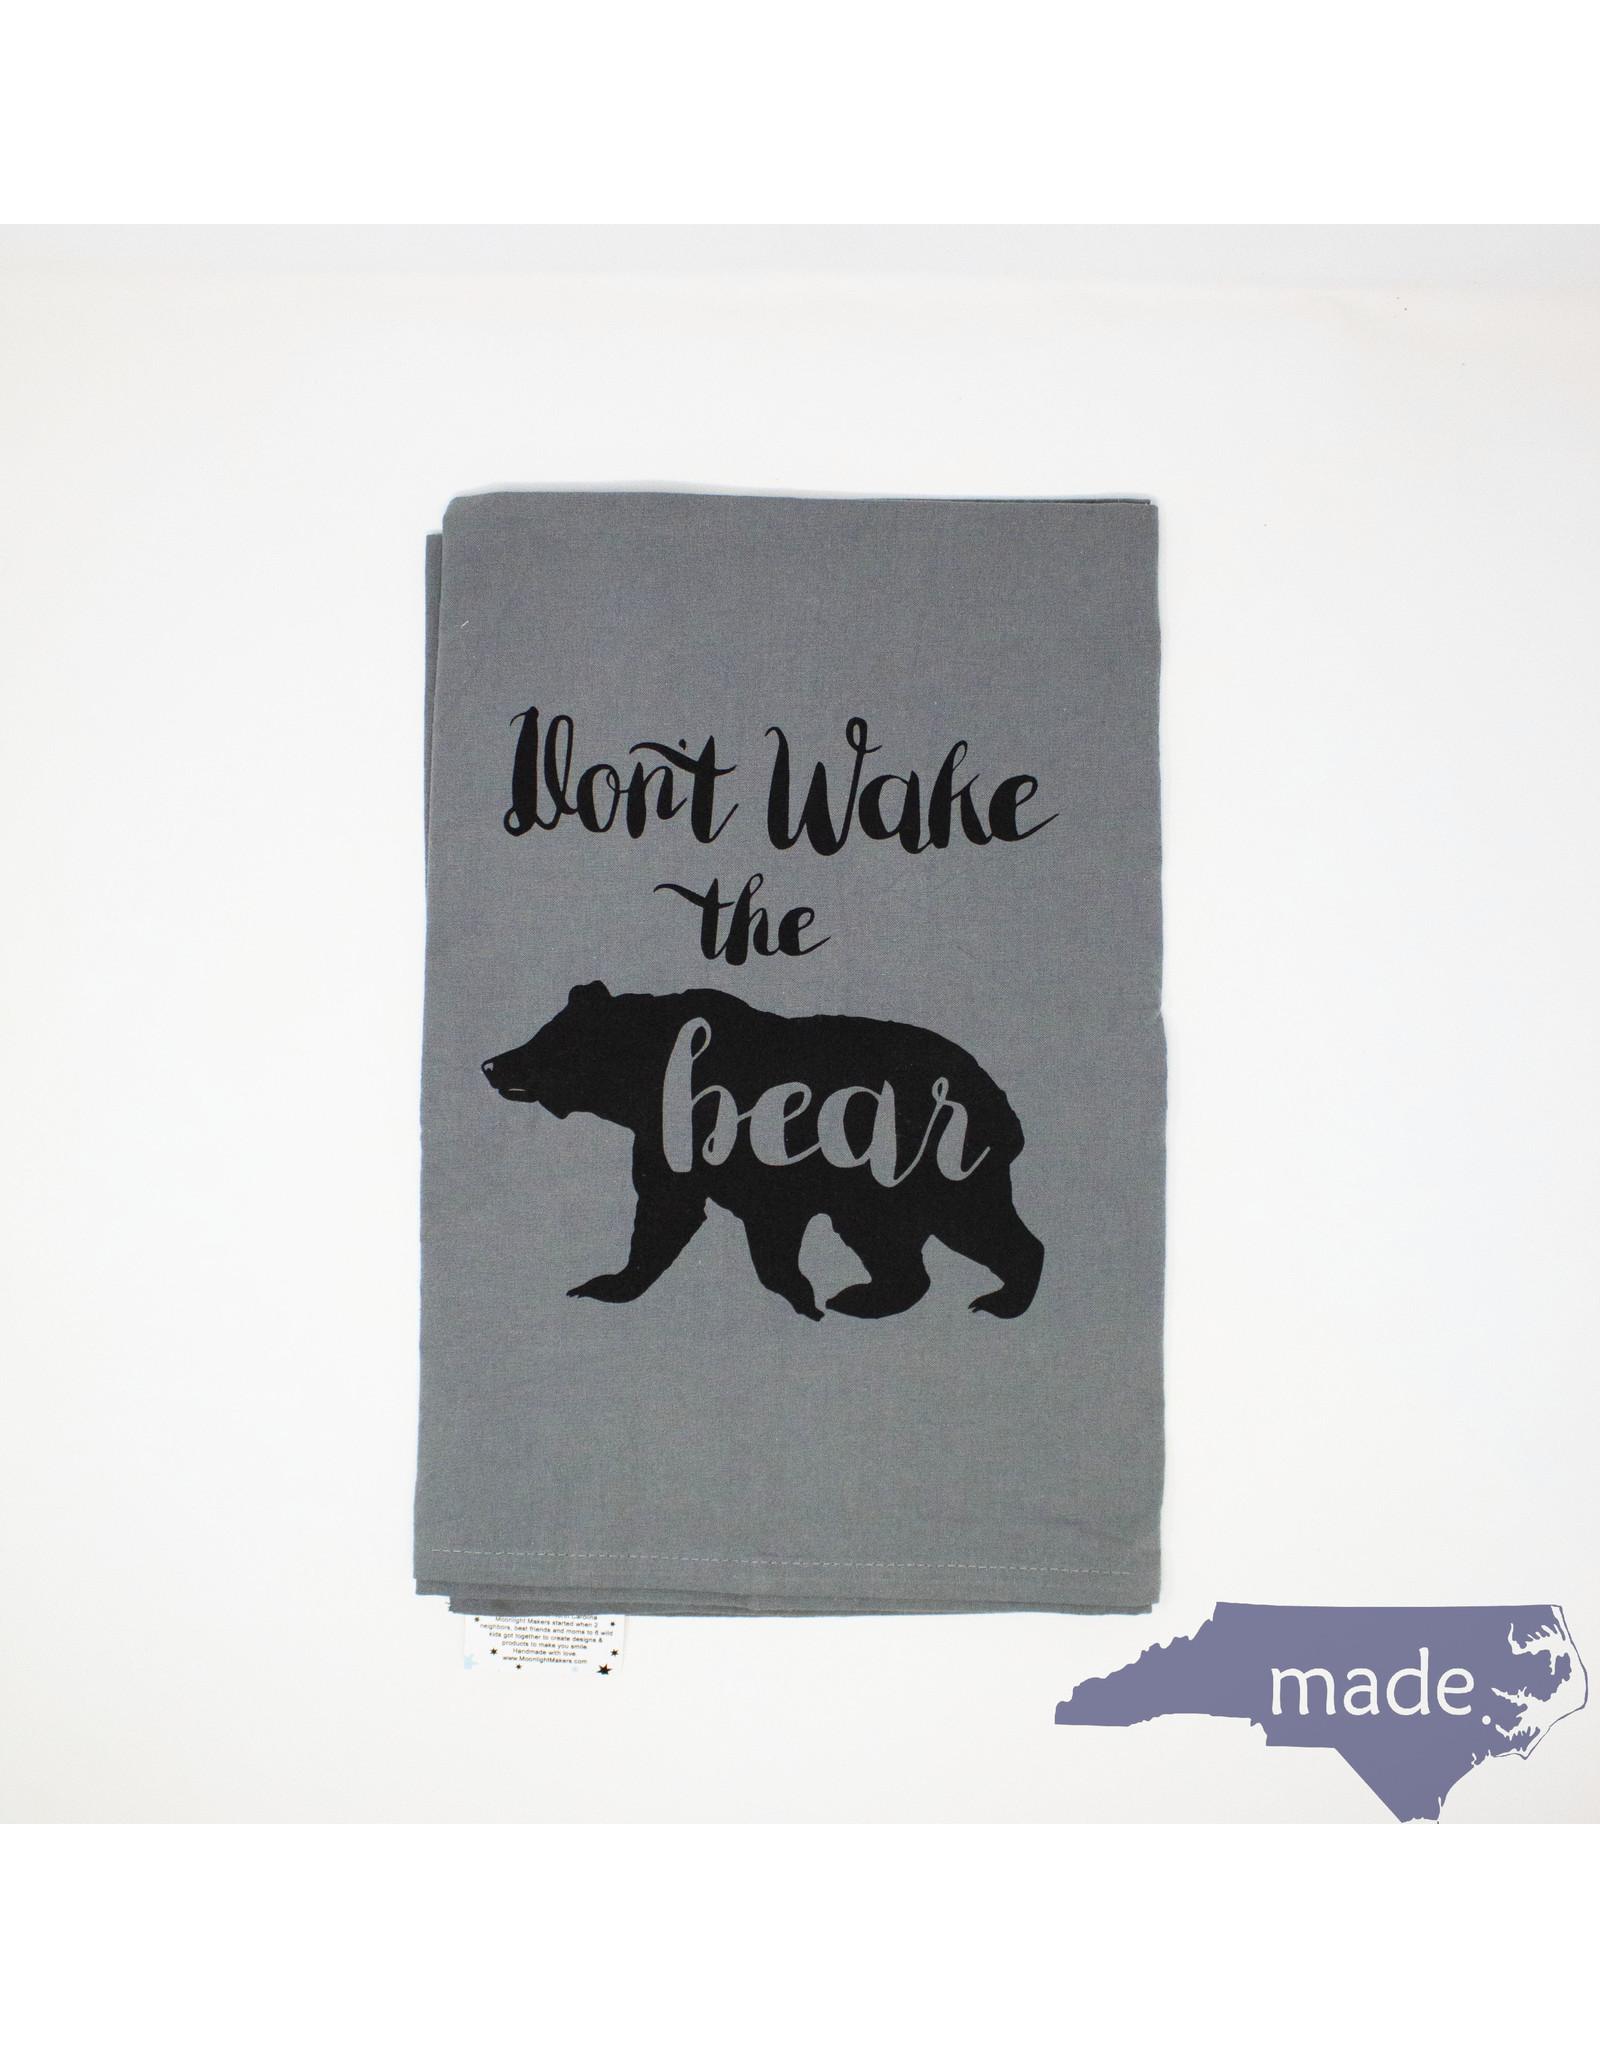 Moonlight Makers Don't Wake the Bear Dish Towel - Moonlight Makers